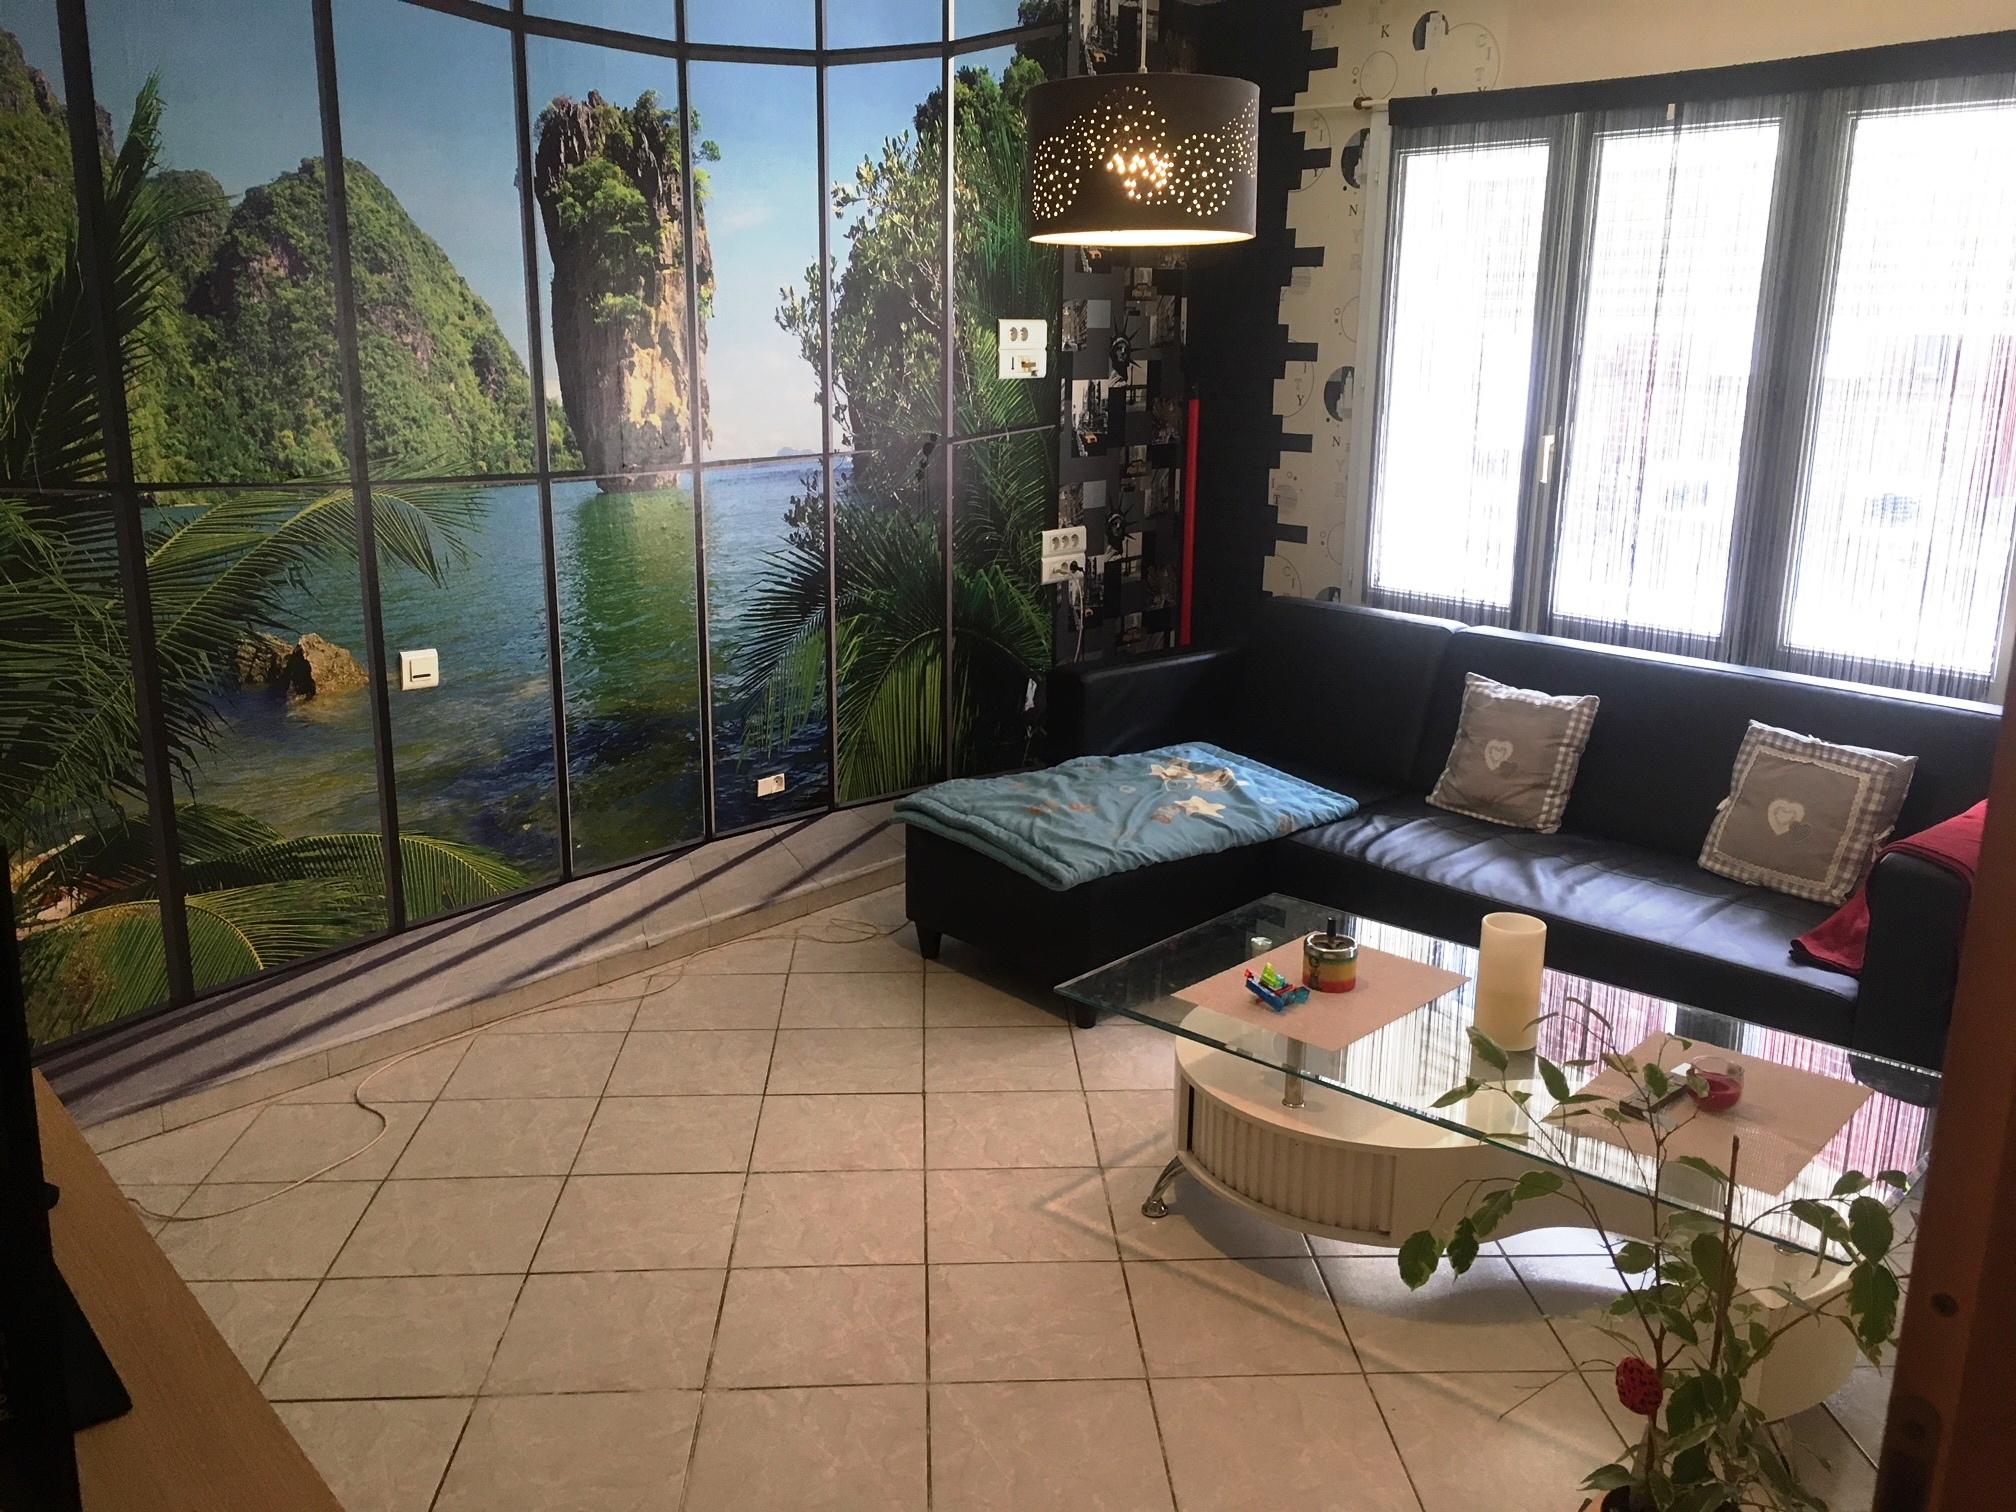 Vente maison semi individuelle semi plain pied 4 chambres jardin bruay sur escaut 59860 - Garage petit sains en gohelle ...